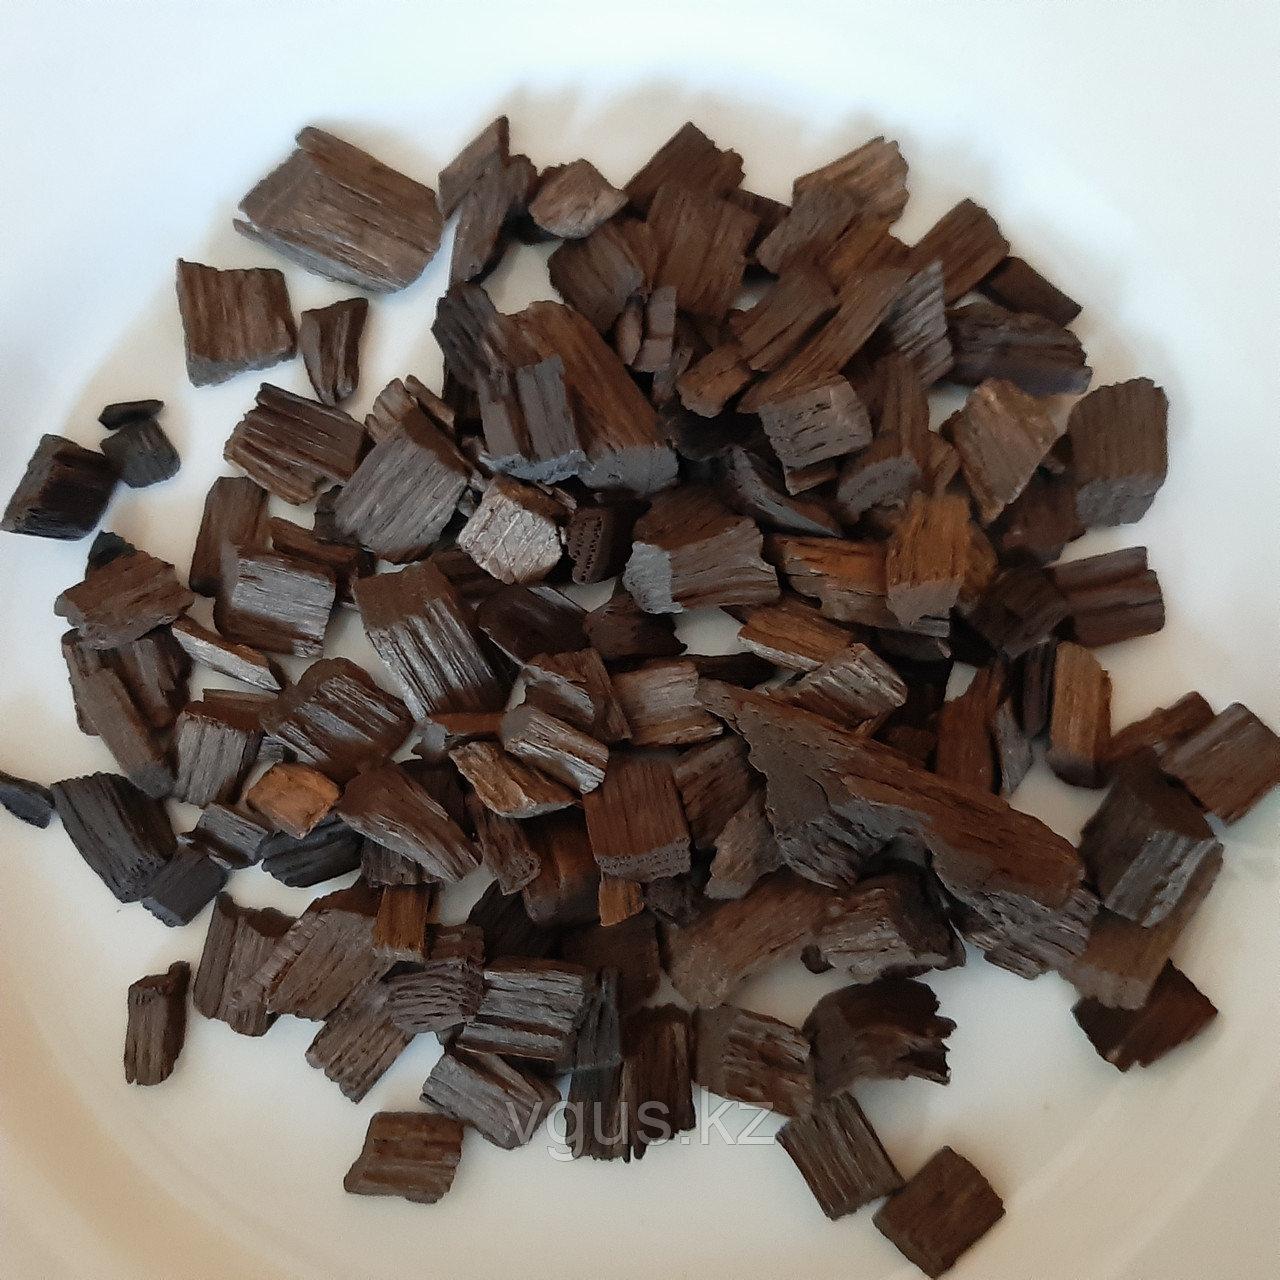 Дубовая щепа кавказкого дуба средний обжиг 100гр.